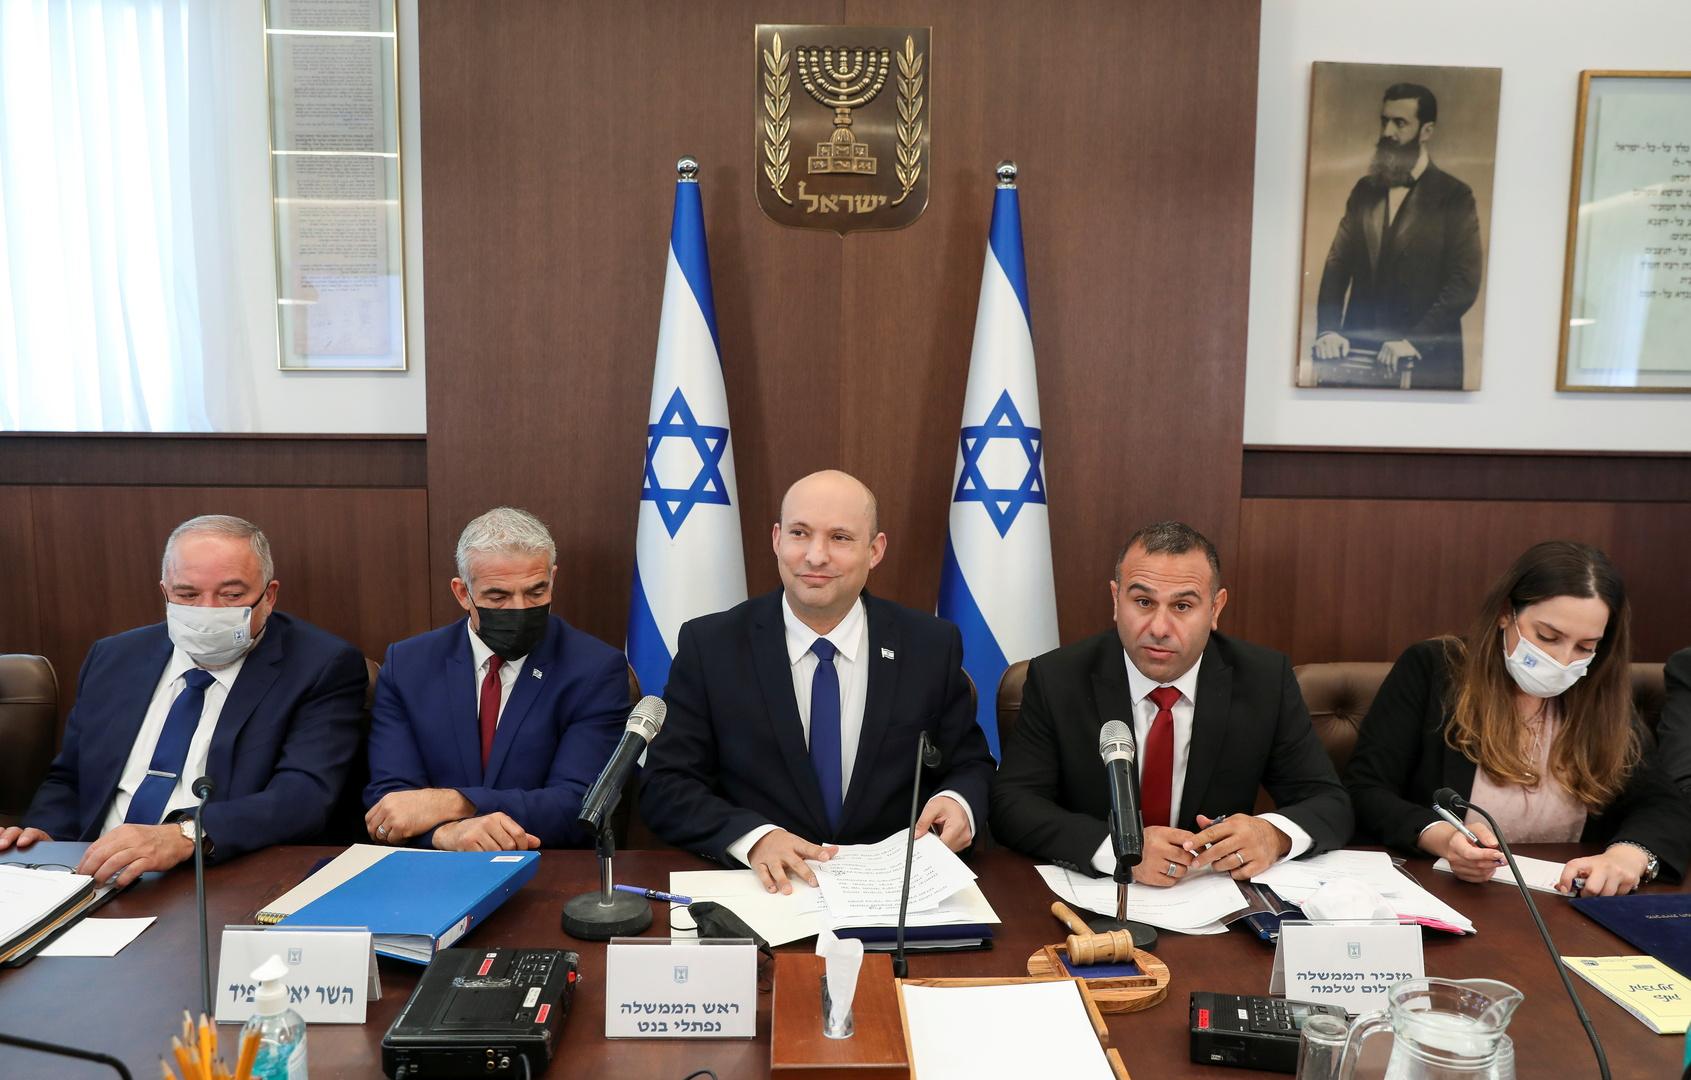 بينيت: إسرائيل غير معنية بالتصعيد مع غزة لكن الأمور تغيرت